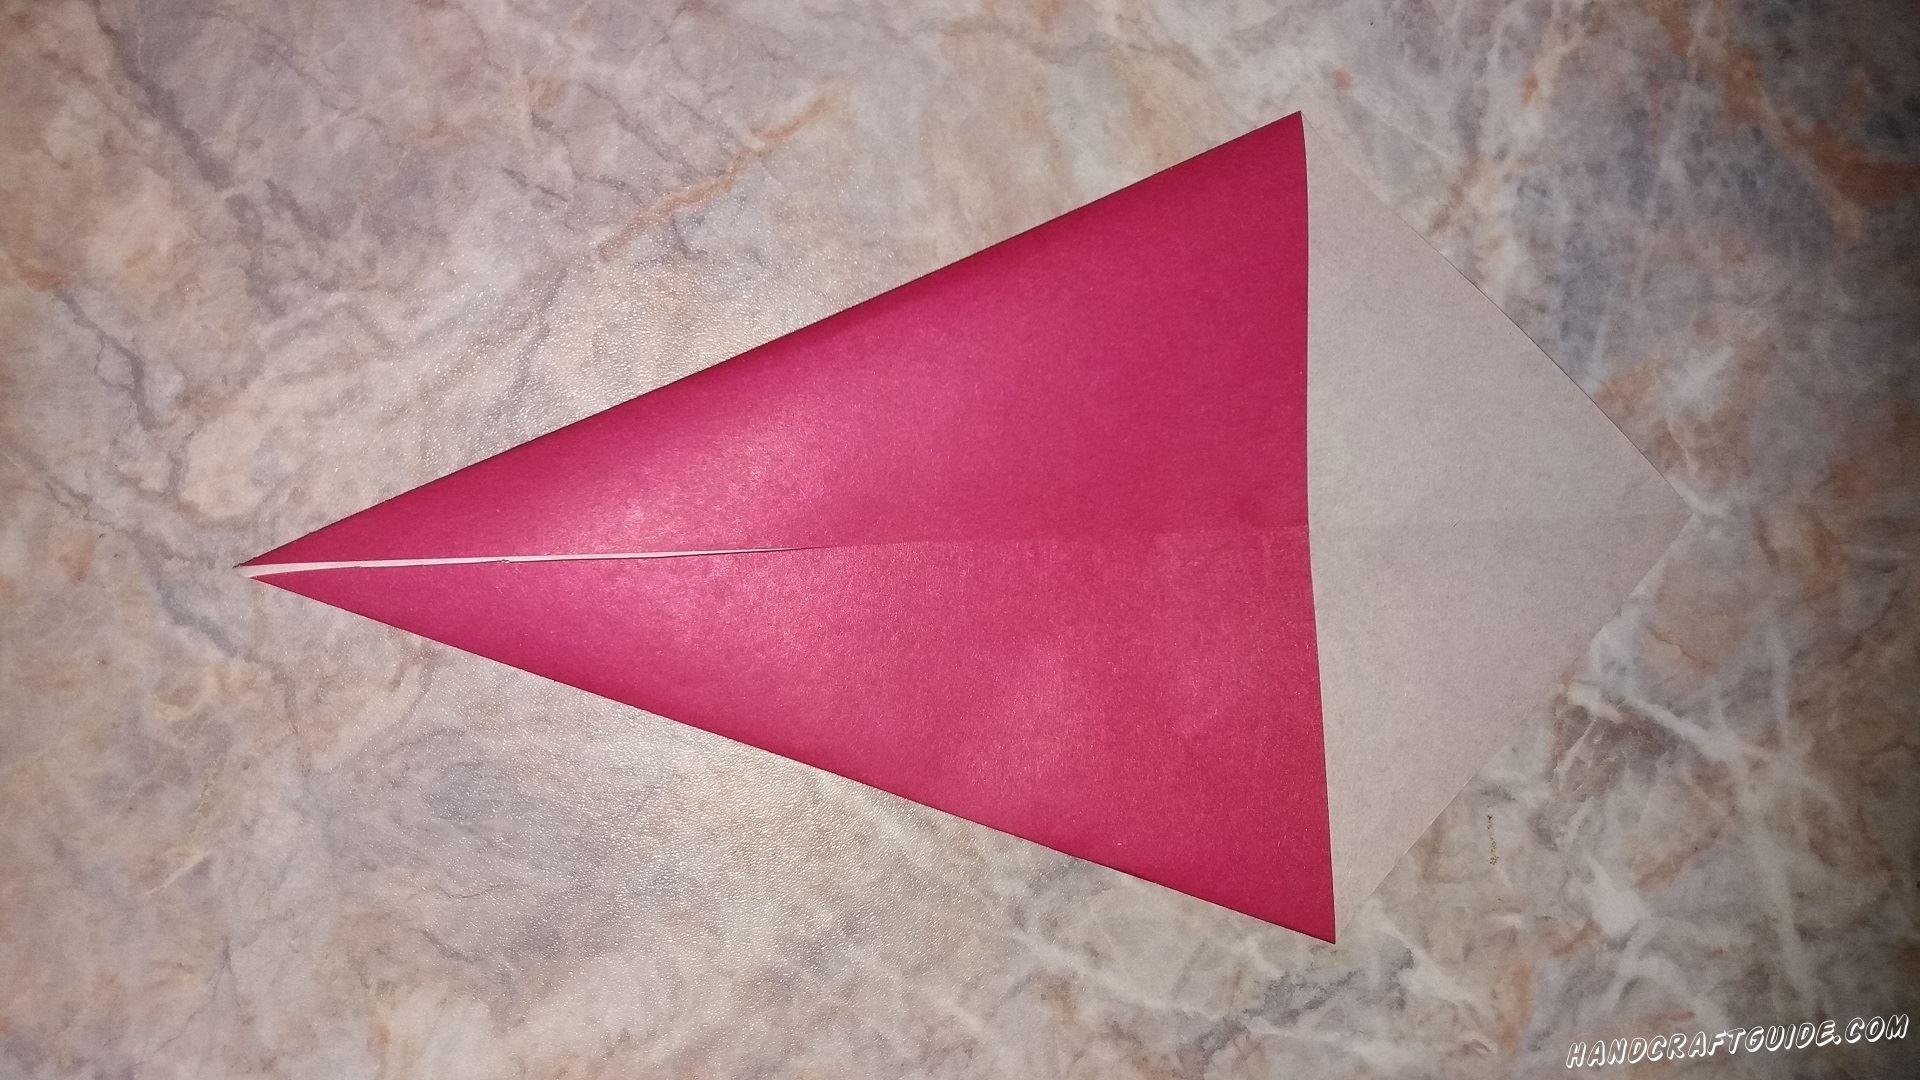 На нашем квадрате загибаем треугольник, фигурка теперь напоминает рожок мороженого.